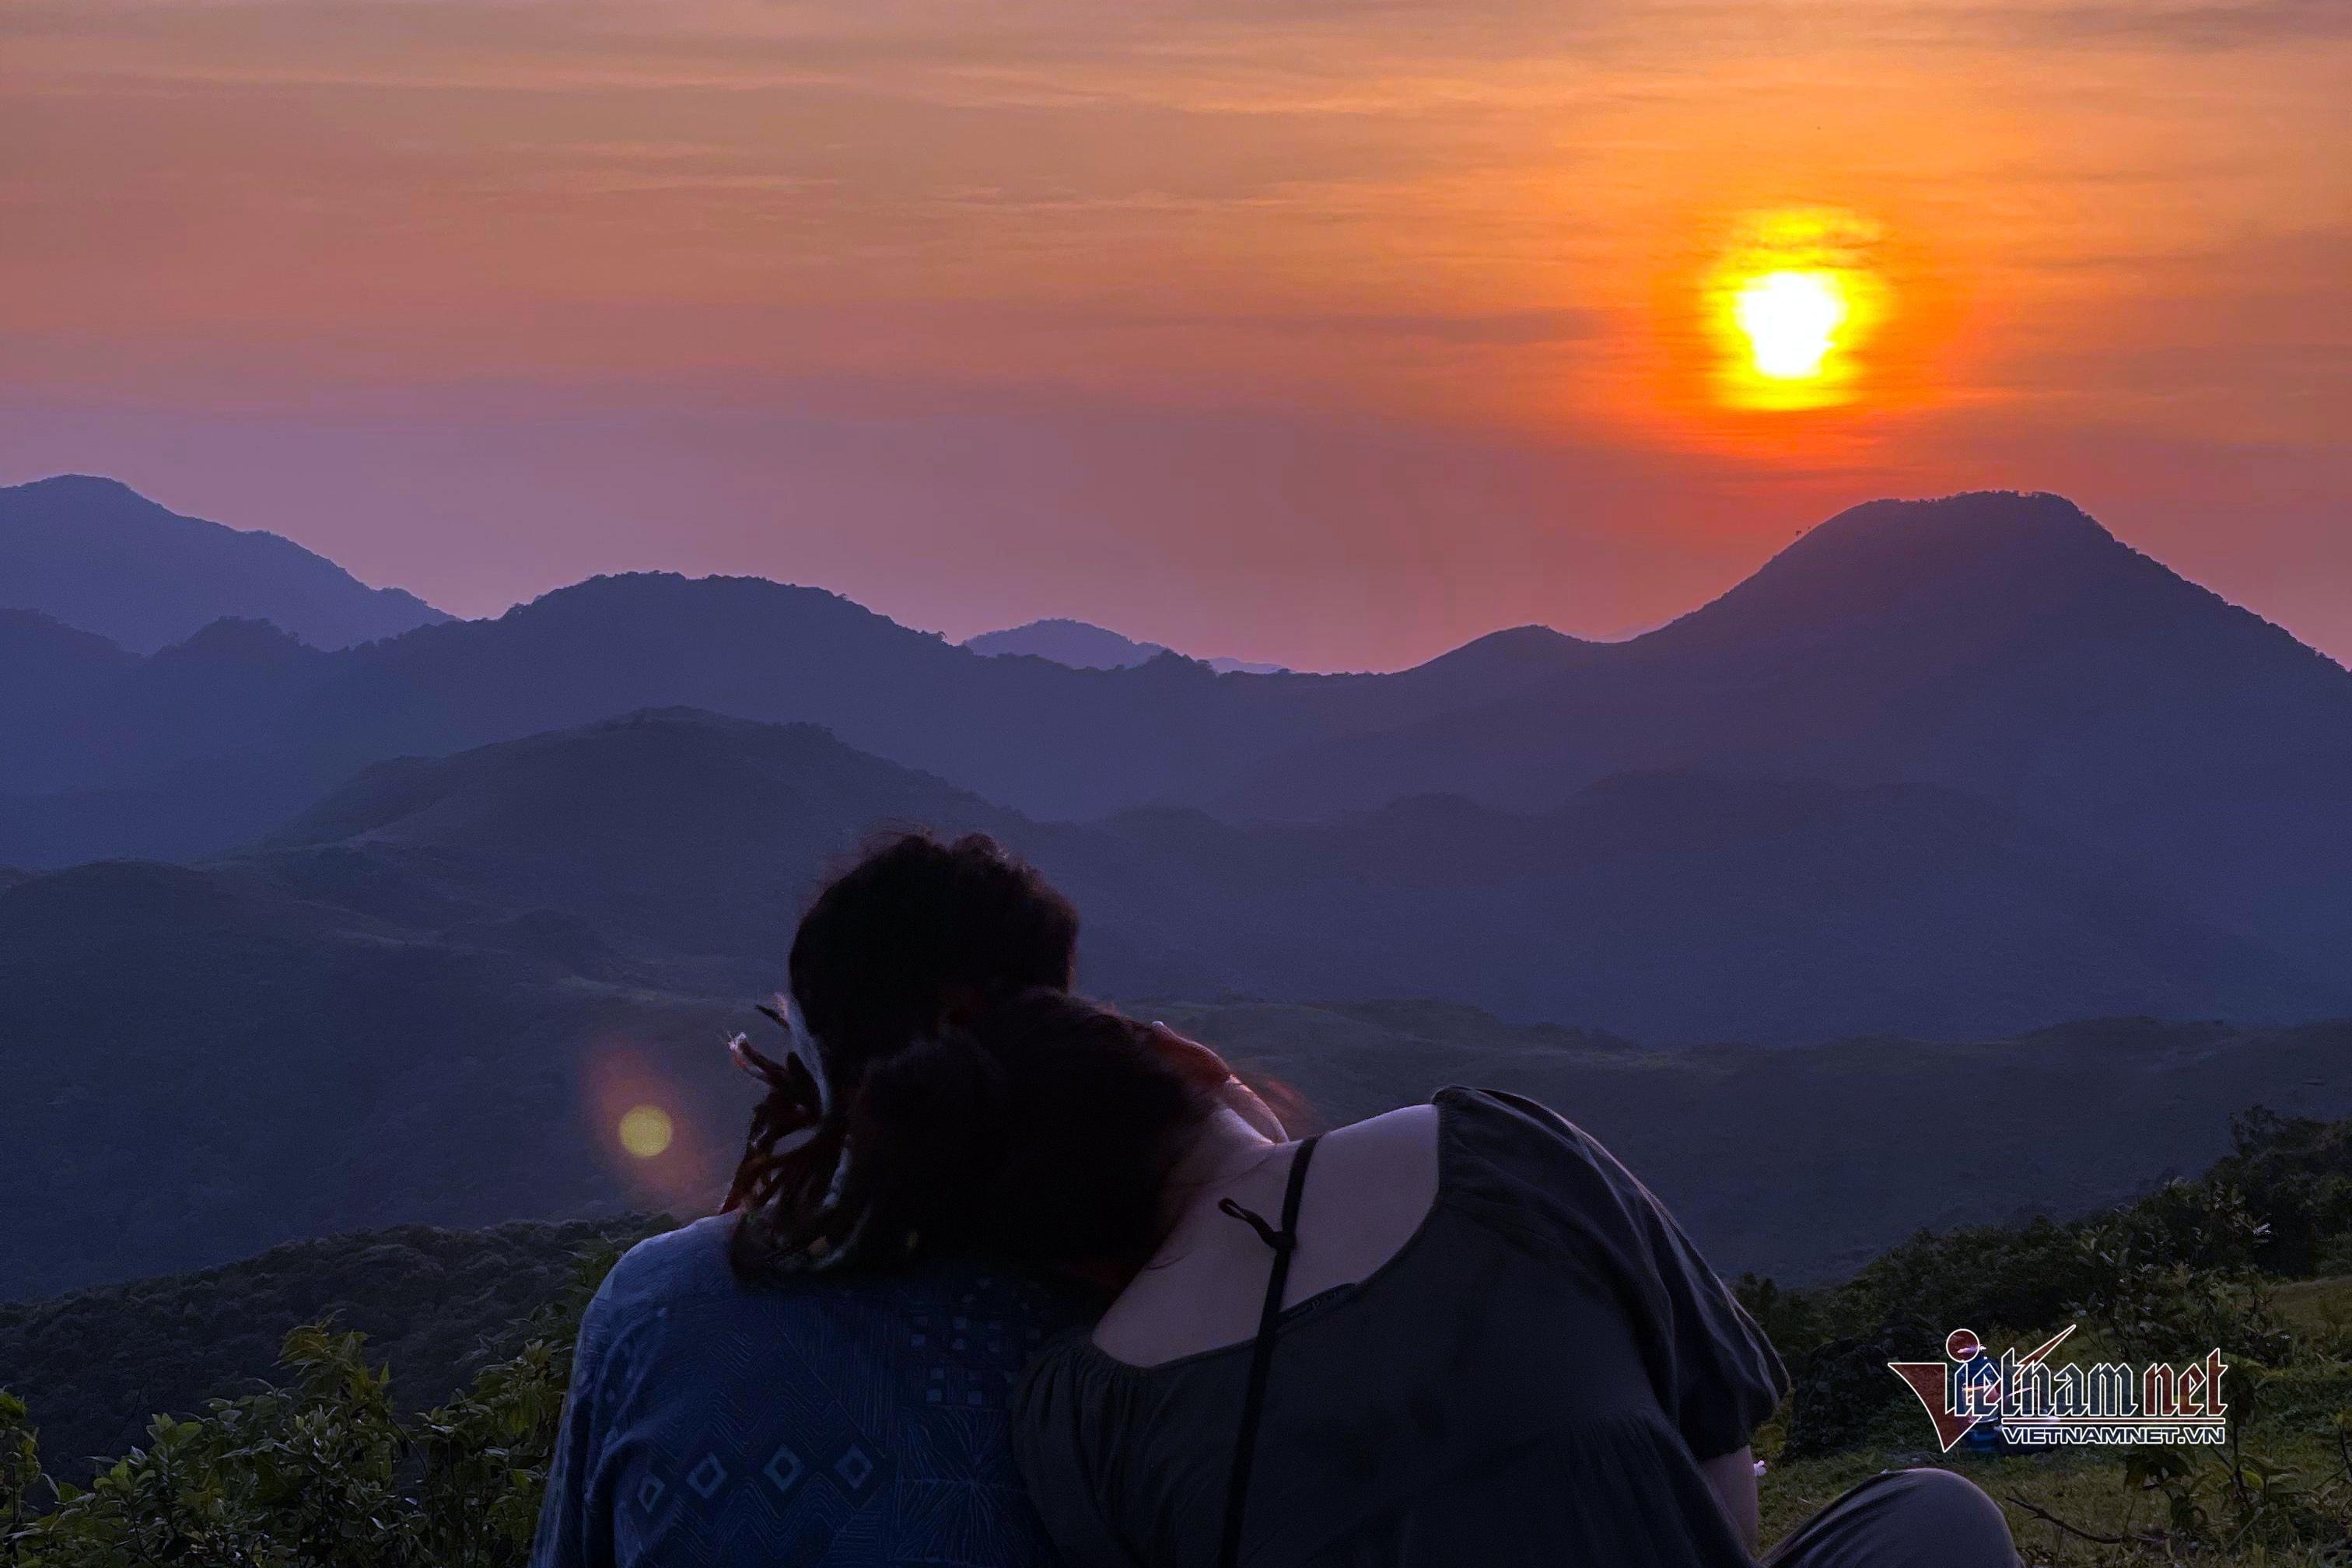 Thu về, ngắm hoàng hôn Hạ Long đẹp mê mải từ trên đỉnh Kỳ Thượng